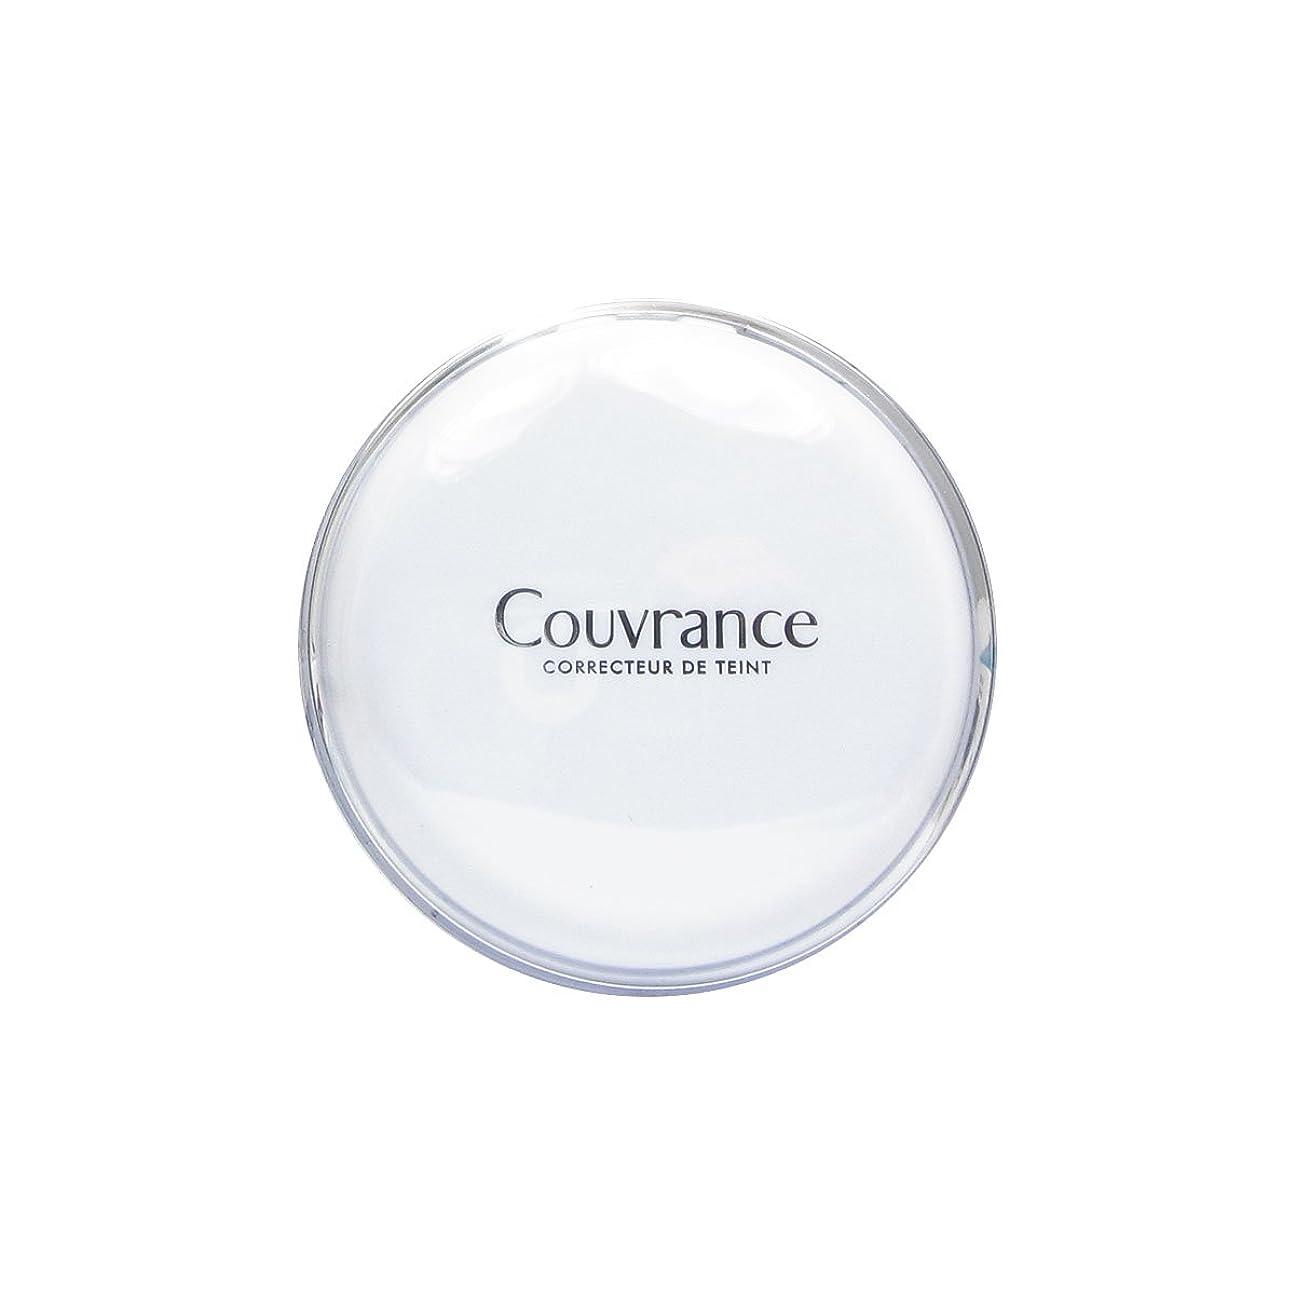 検出器クラック主にAvene Couvrance Compact Confort Cream 2.5 Beige 10gr [並行輸入品]